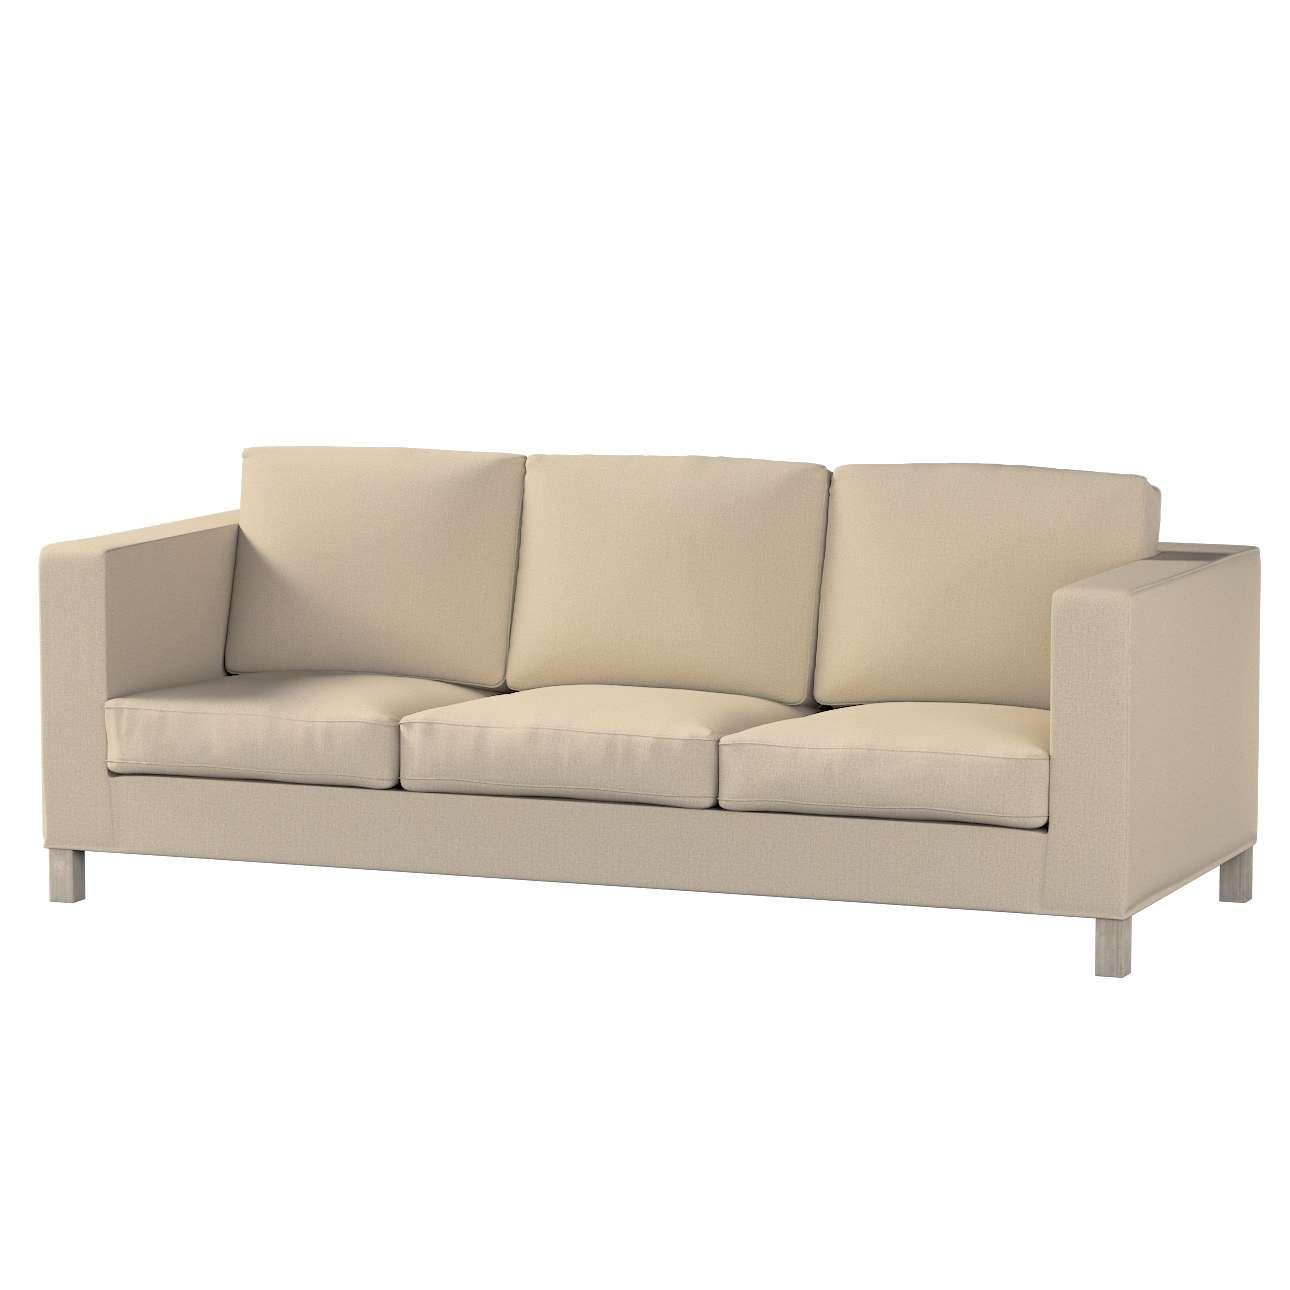 Pokrowiec na sofę Karlanda 3-osobową nierozkładaną, krótki Sofa Karlanda 3-os w kolekcji Edinburgh, tkanina: 115-78